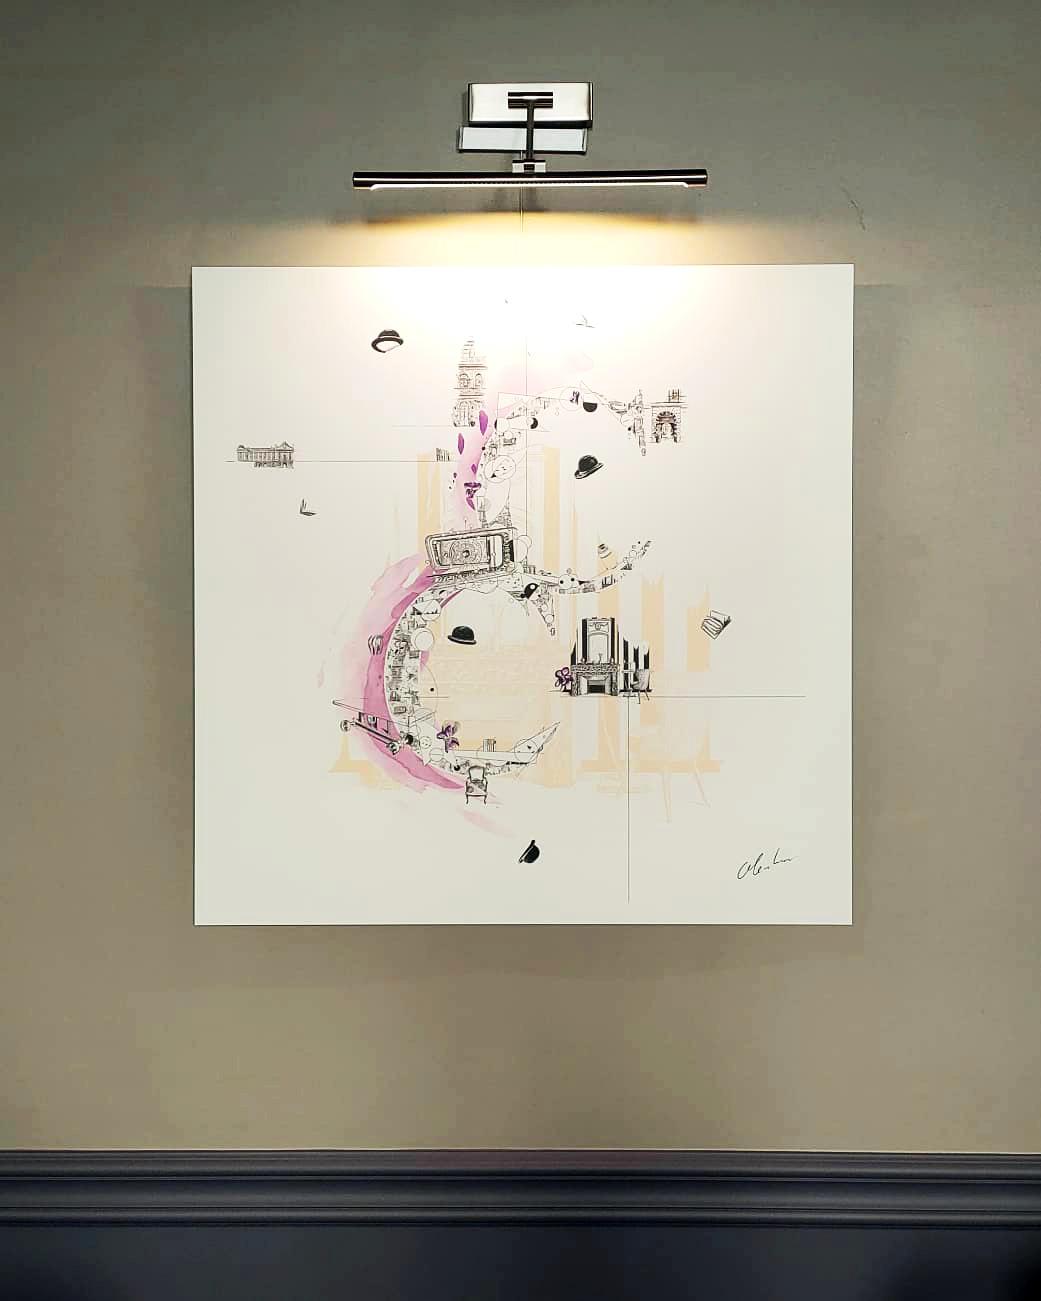 """Photographie du dessin intitulé """"Ascension 5 étoiles au stylo-bille"""" exposé au restaurant Le Cénacle de Toulouse"""